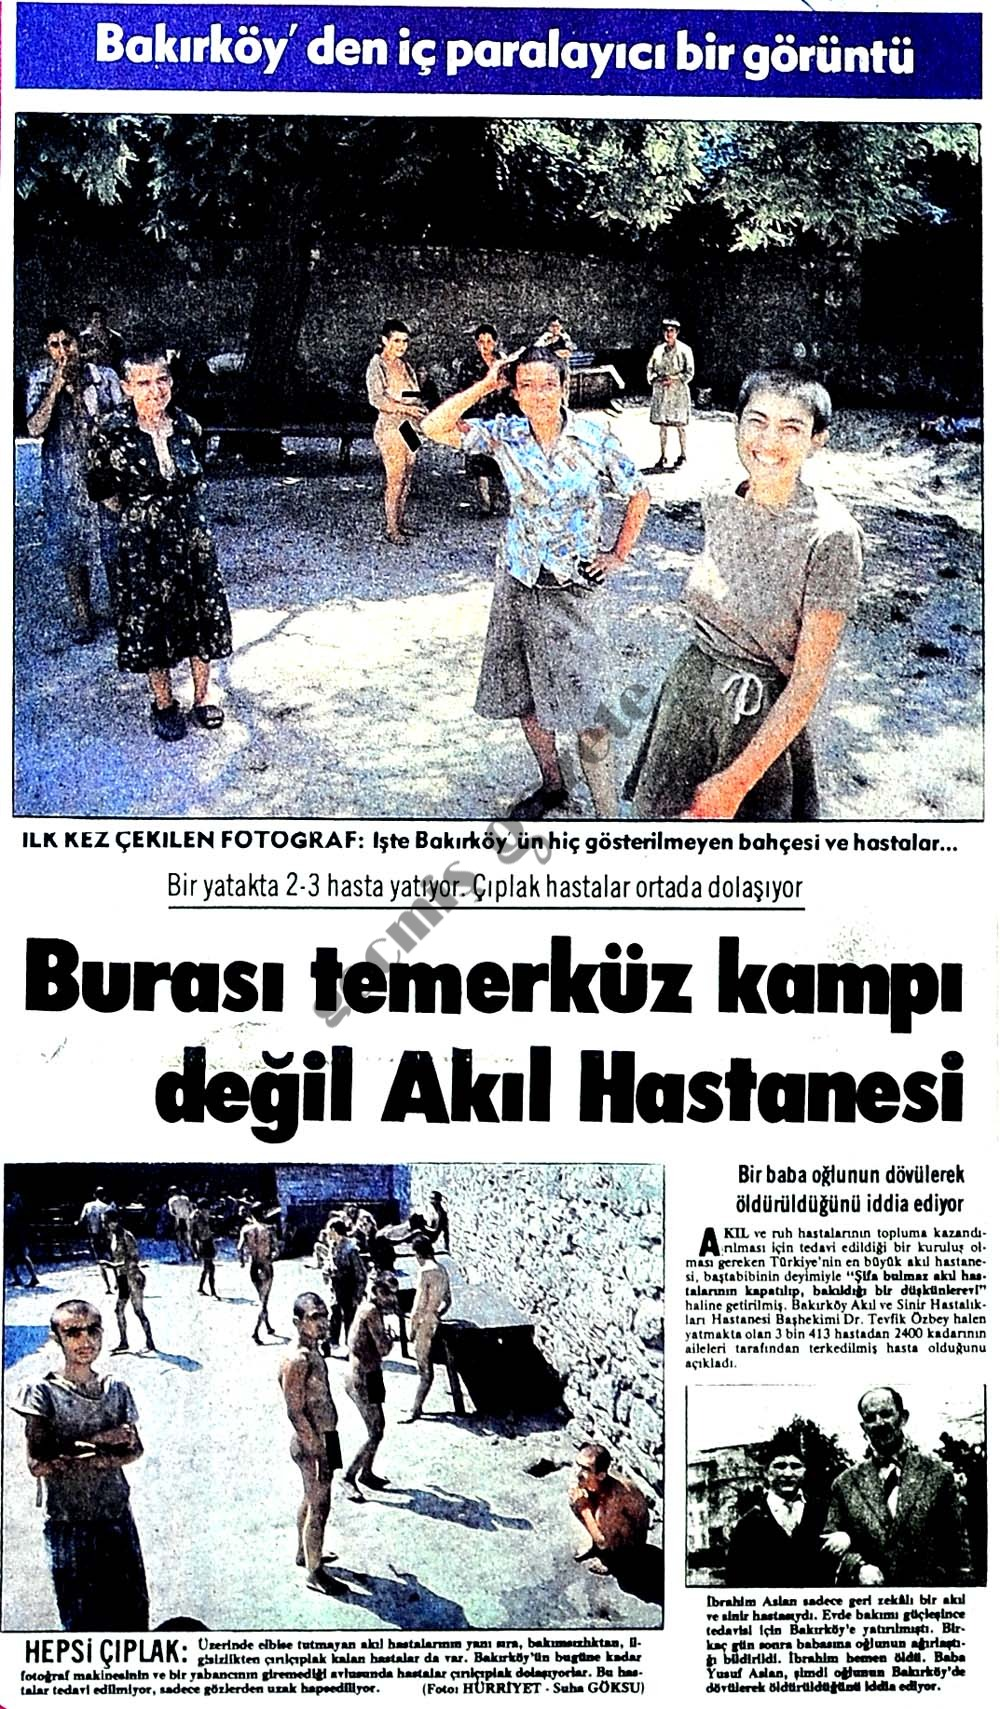 Bakırköy'den iç parçalayıcı bir görüntü